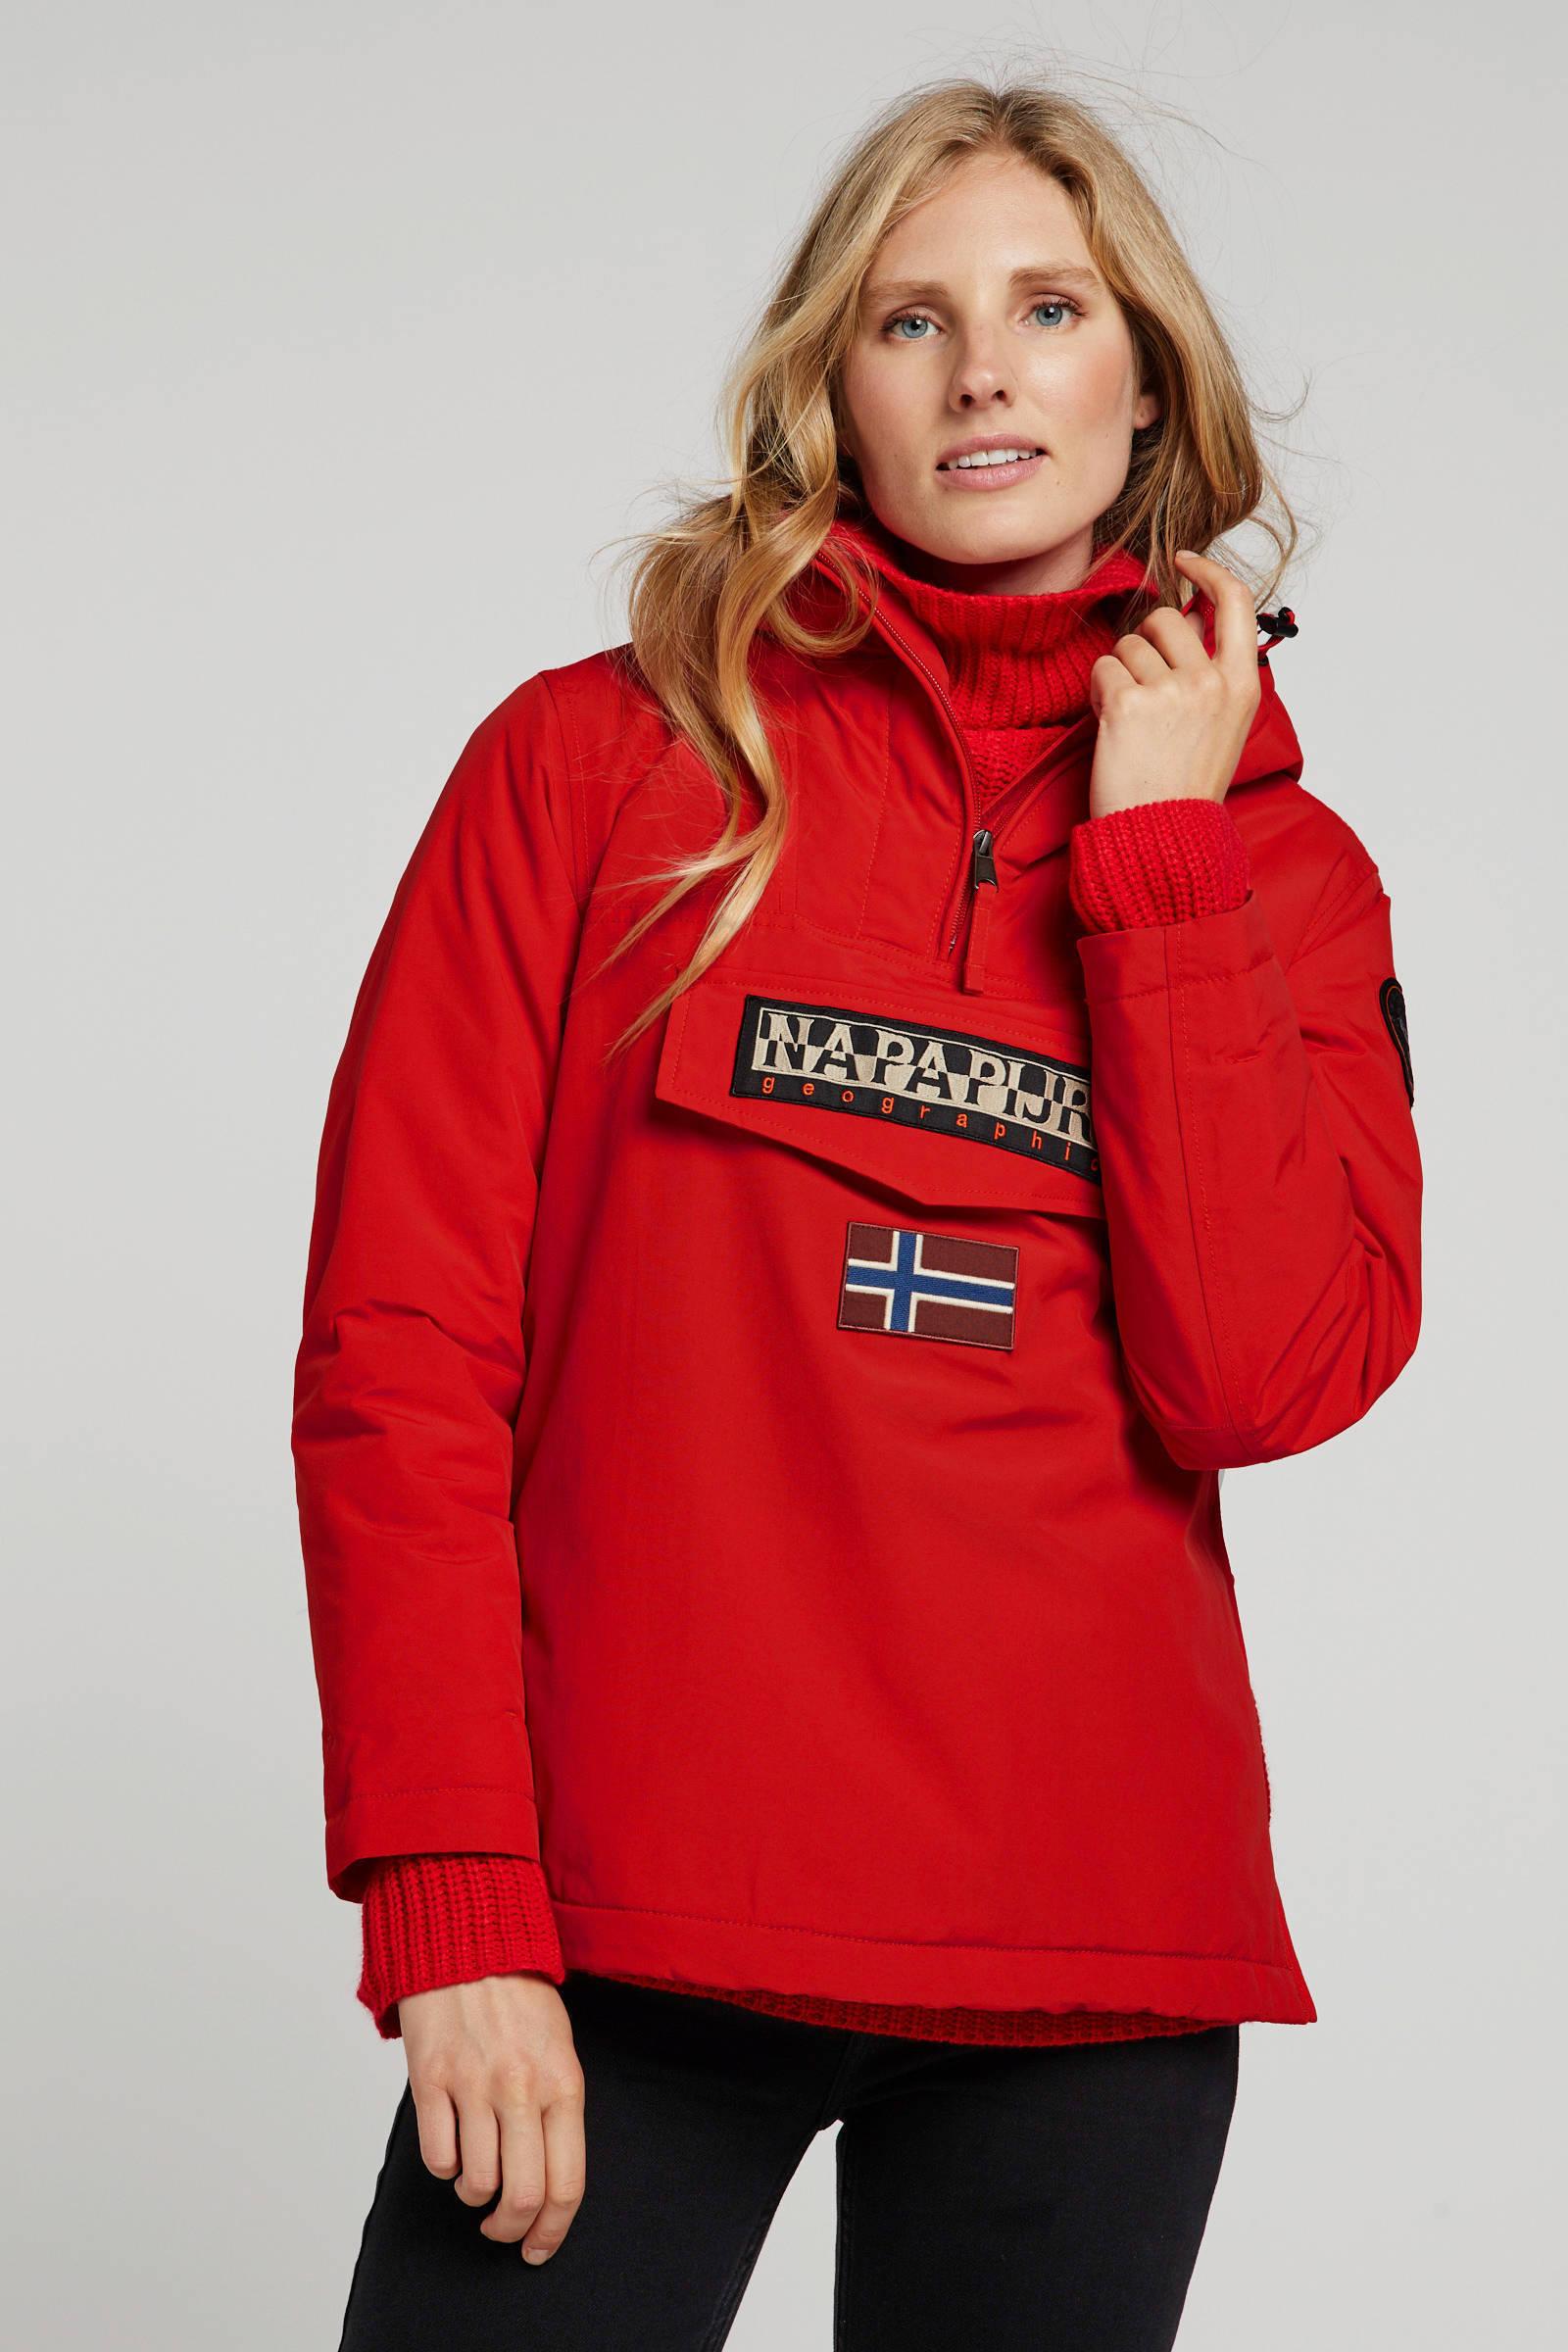 Napapijri winterjas Rainforest met logo rood | wehkamp